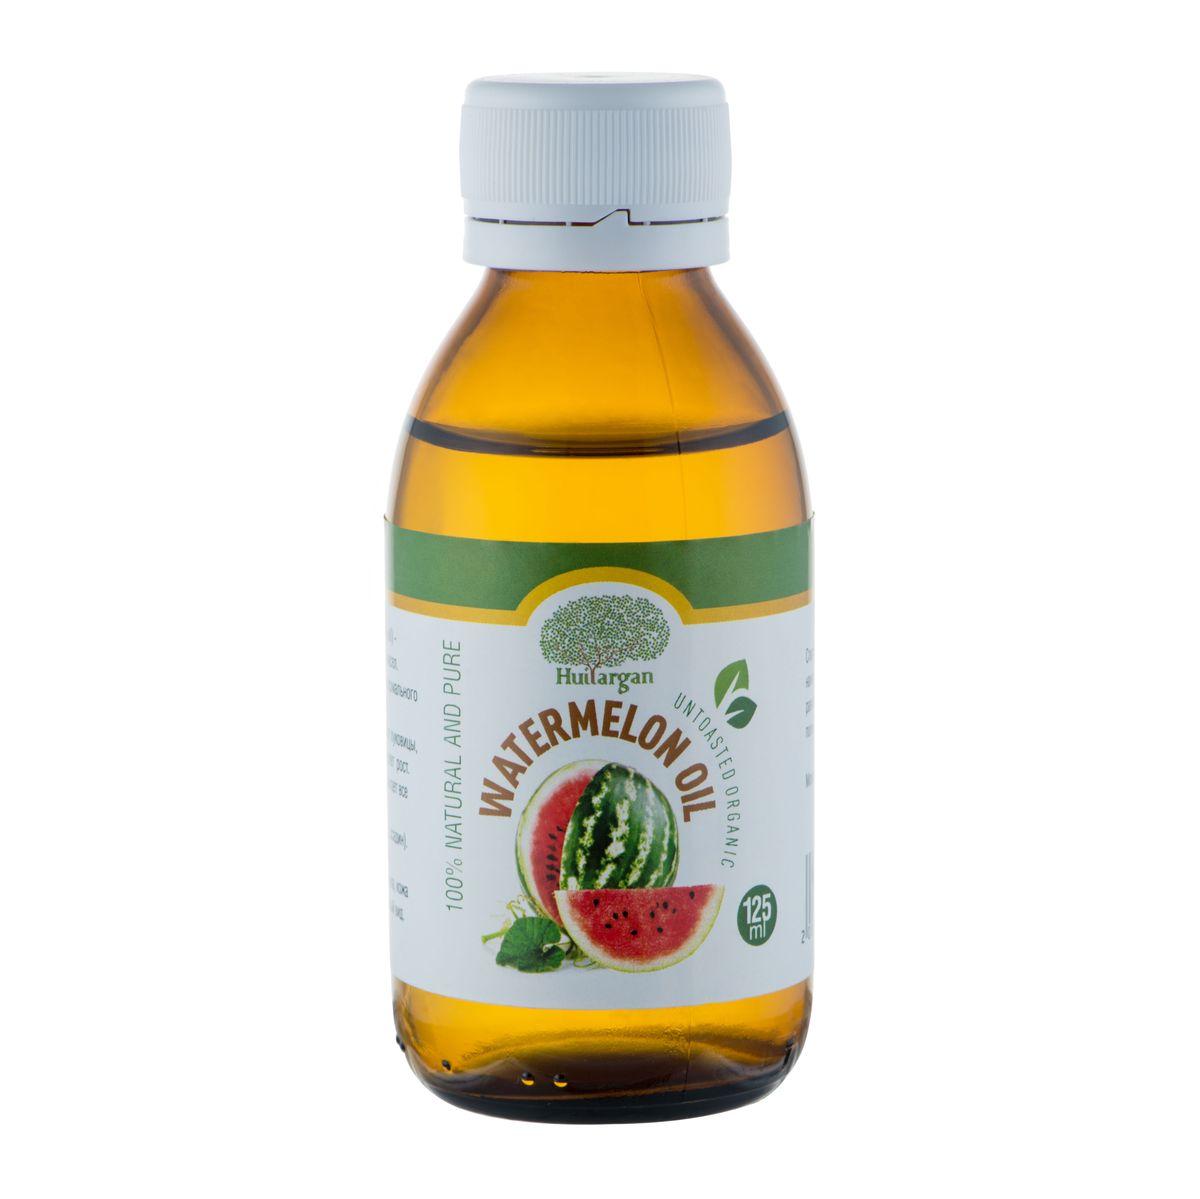 Huilargan Масло арбузных косточек, 100% натуральное, 125 мл2000000009056Масло из семян арбуза (Watermelon oil) одно из самых полезных и ценных масел. Оно способствует восстановлению нормального роста ногтей; При ослабленных волосах, укрепляет луковицы, улучшает структуру волоса и ускоряет рост. Прекрасно защищает, увлажняет и питает все типы кожи. Заживление ран (царапин, порезов, ссадин) Лечит угревую сыпь на лице и теле Нормализует выделение кожного сала, кожа приобретает эластичность и здоровый вид